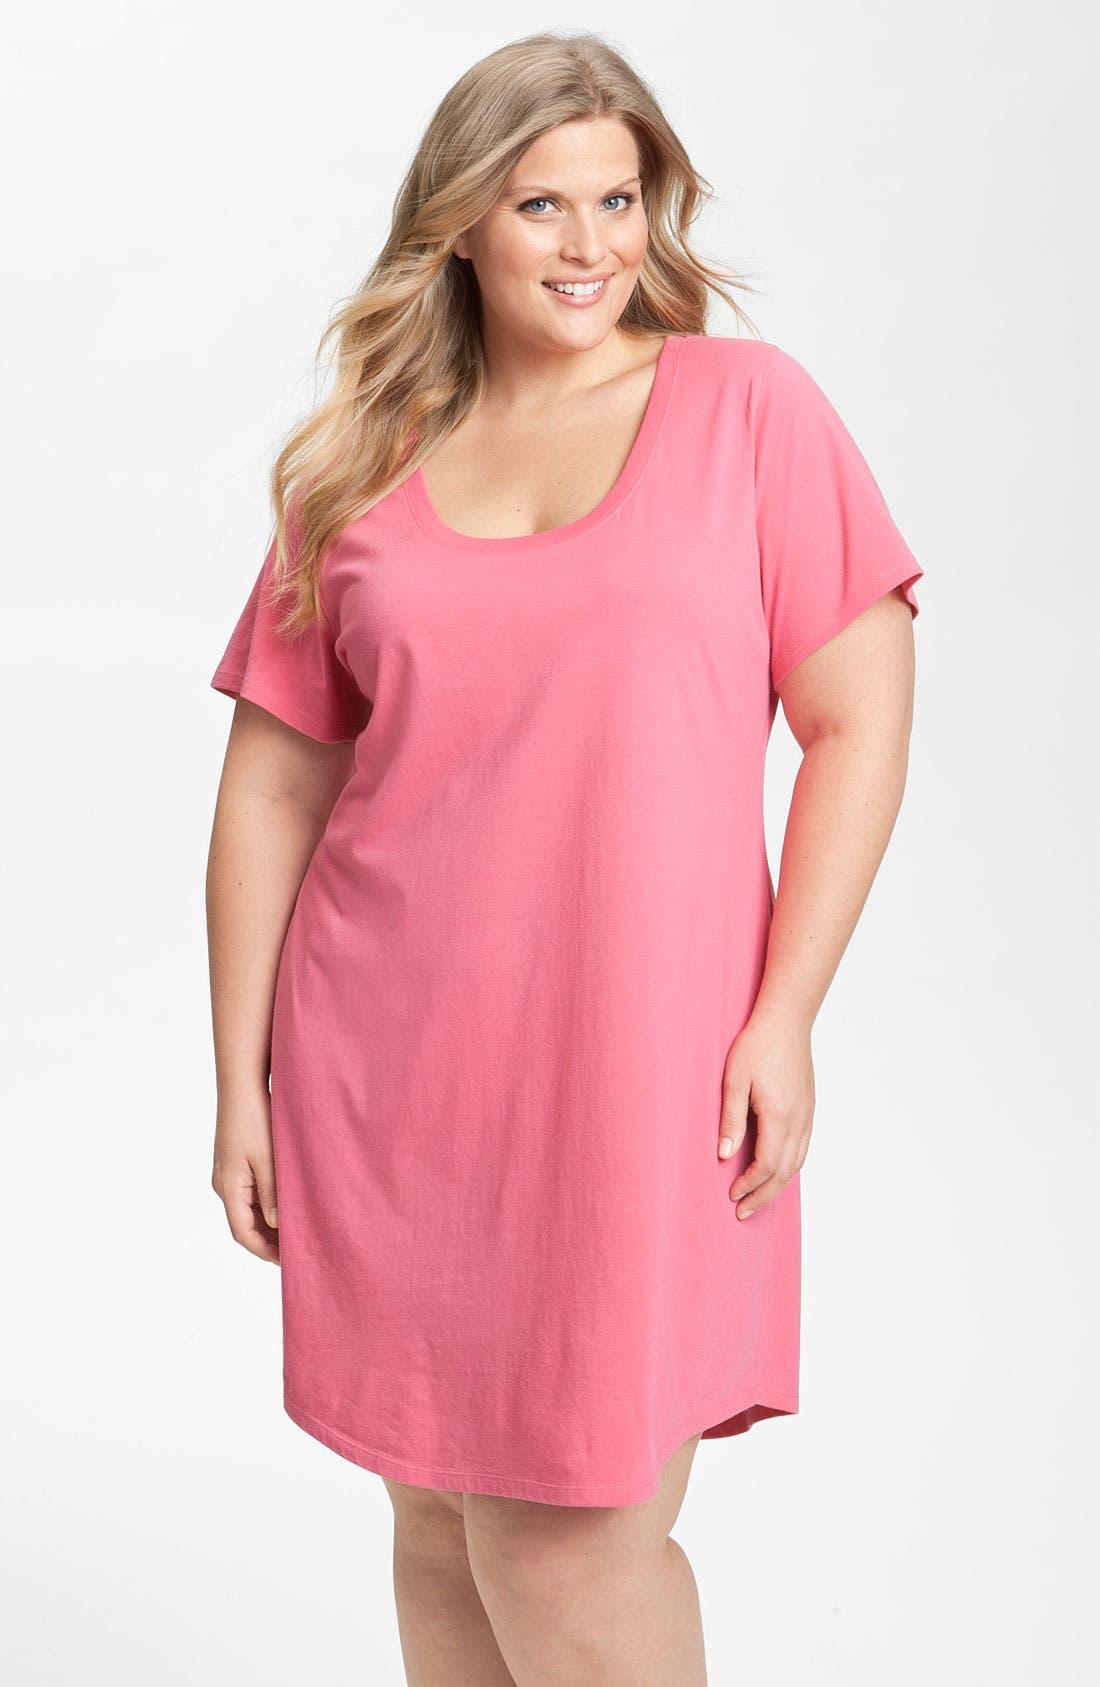 Alternate Image 1 Selected - Nordstrom Short Sleeve Sleep Shirt (Plus) (Online Exclusive)